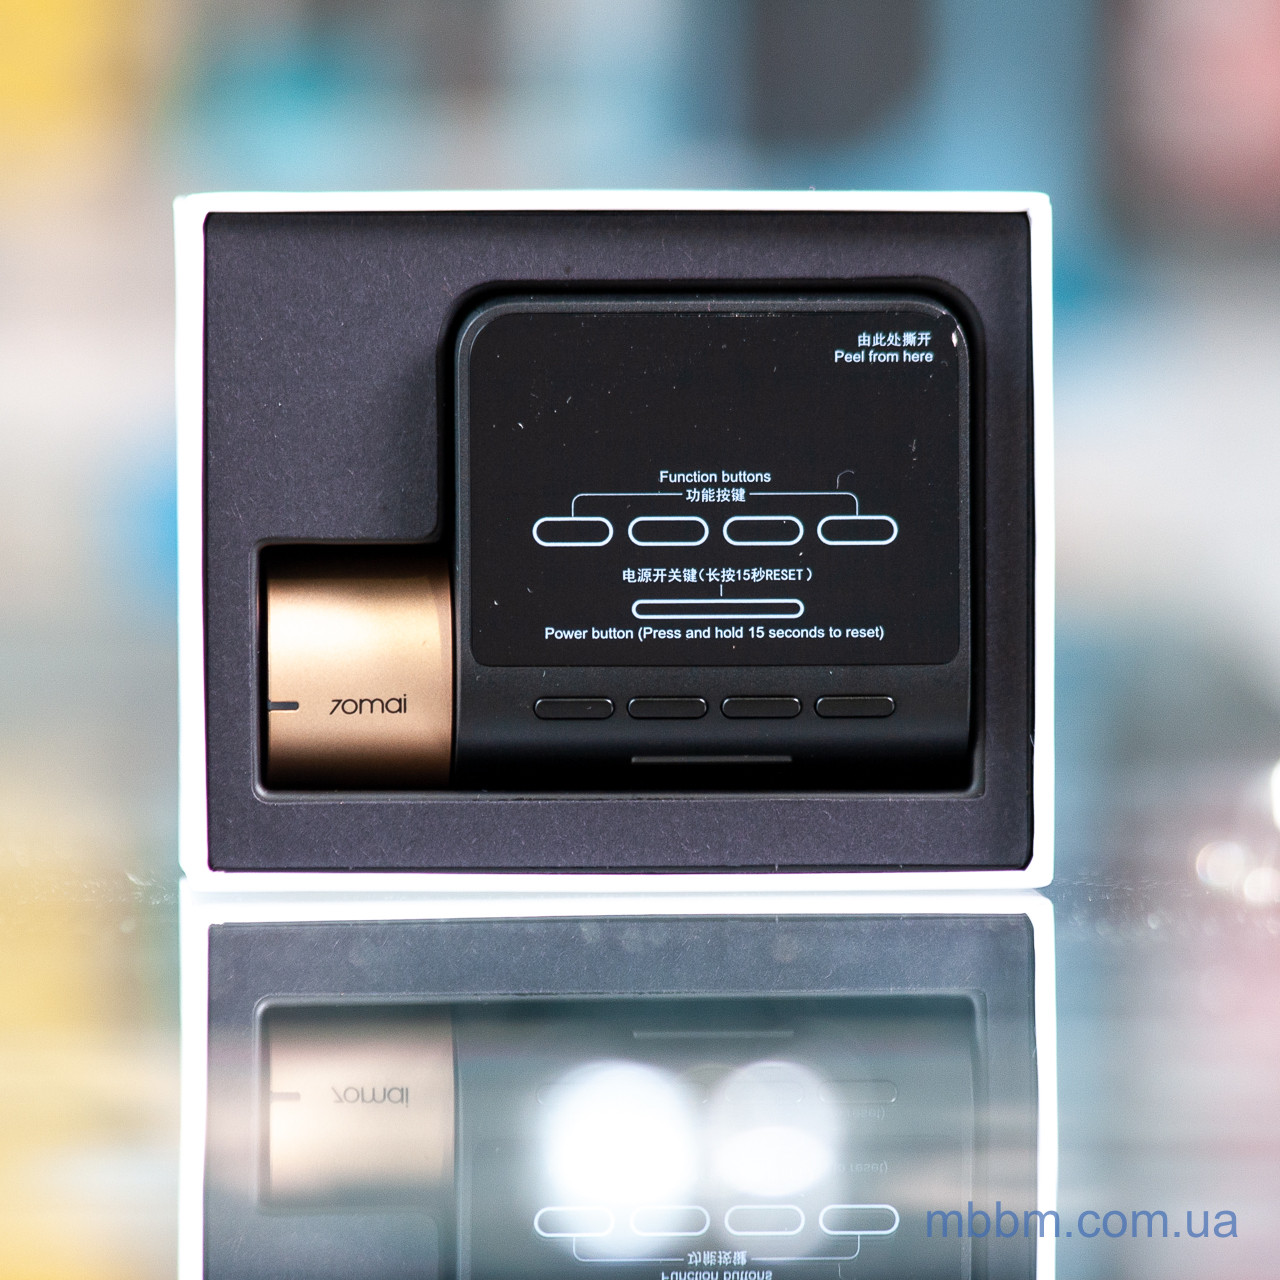 Xiaomi 70mai Dash Cam Lite Поддержка WDR (расширенный динамический диапазон) До 64 ГБ Sony IMX 307